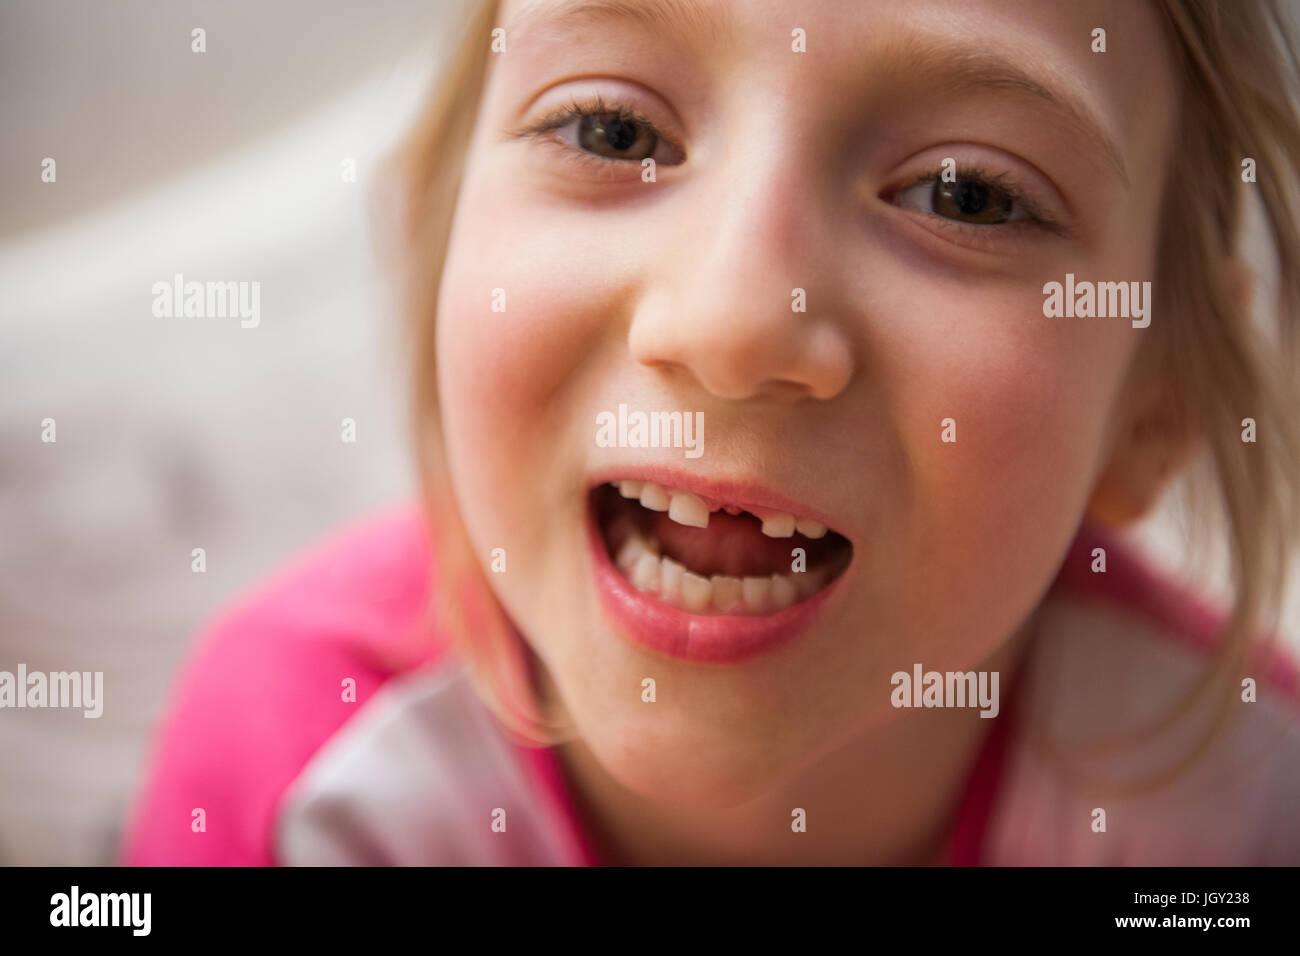 Porträt eines Mädchens mit fehlenden Zahn Blick auf Kamera Mund öffnen Stockfoto